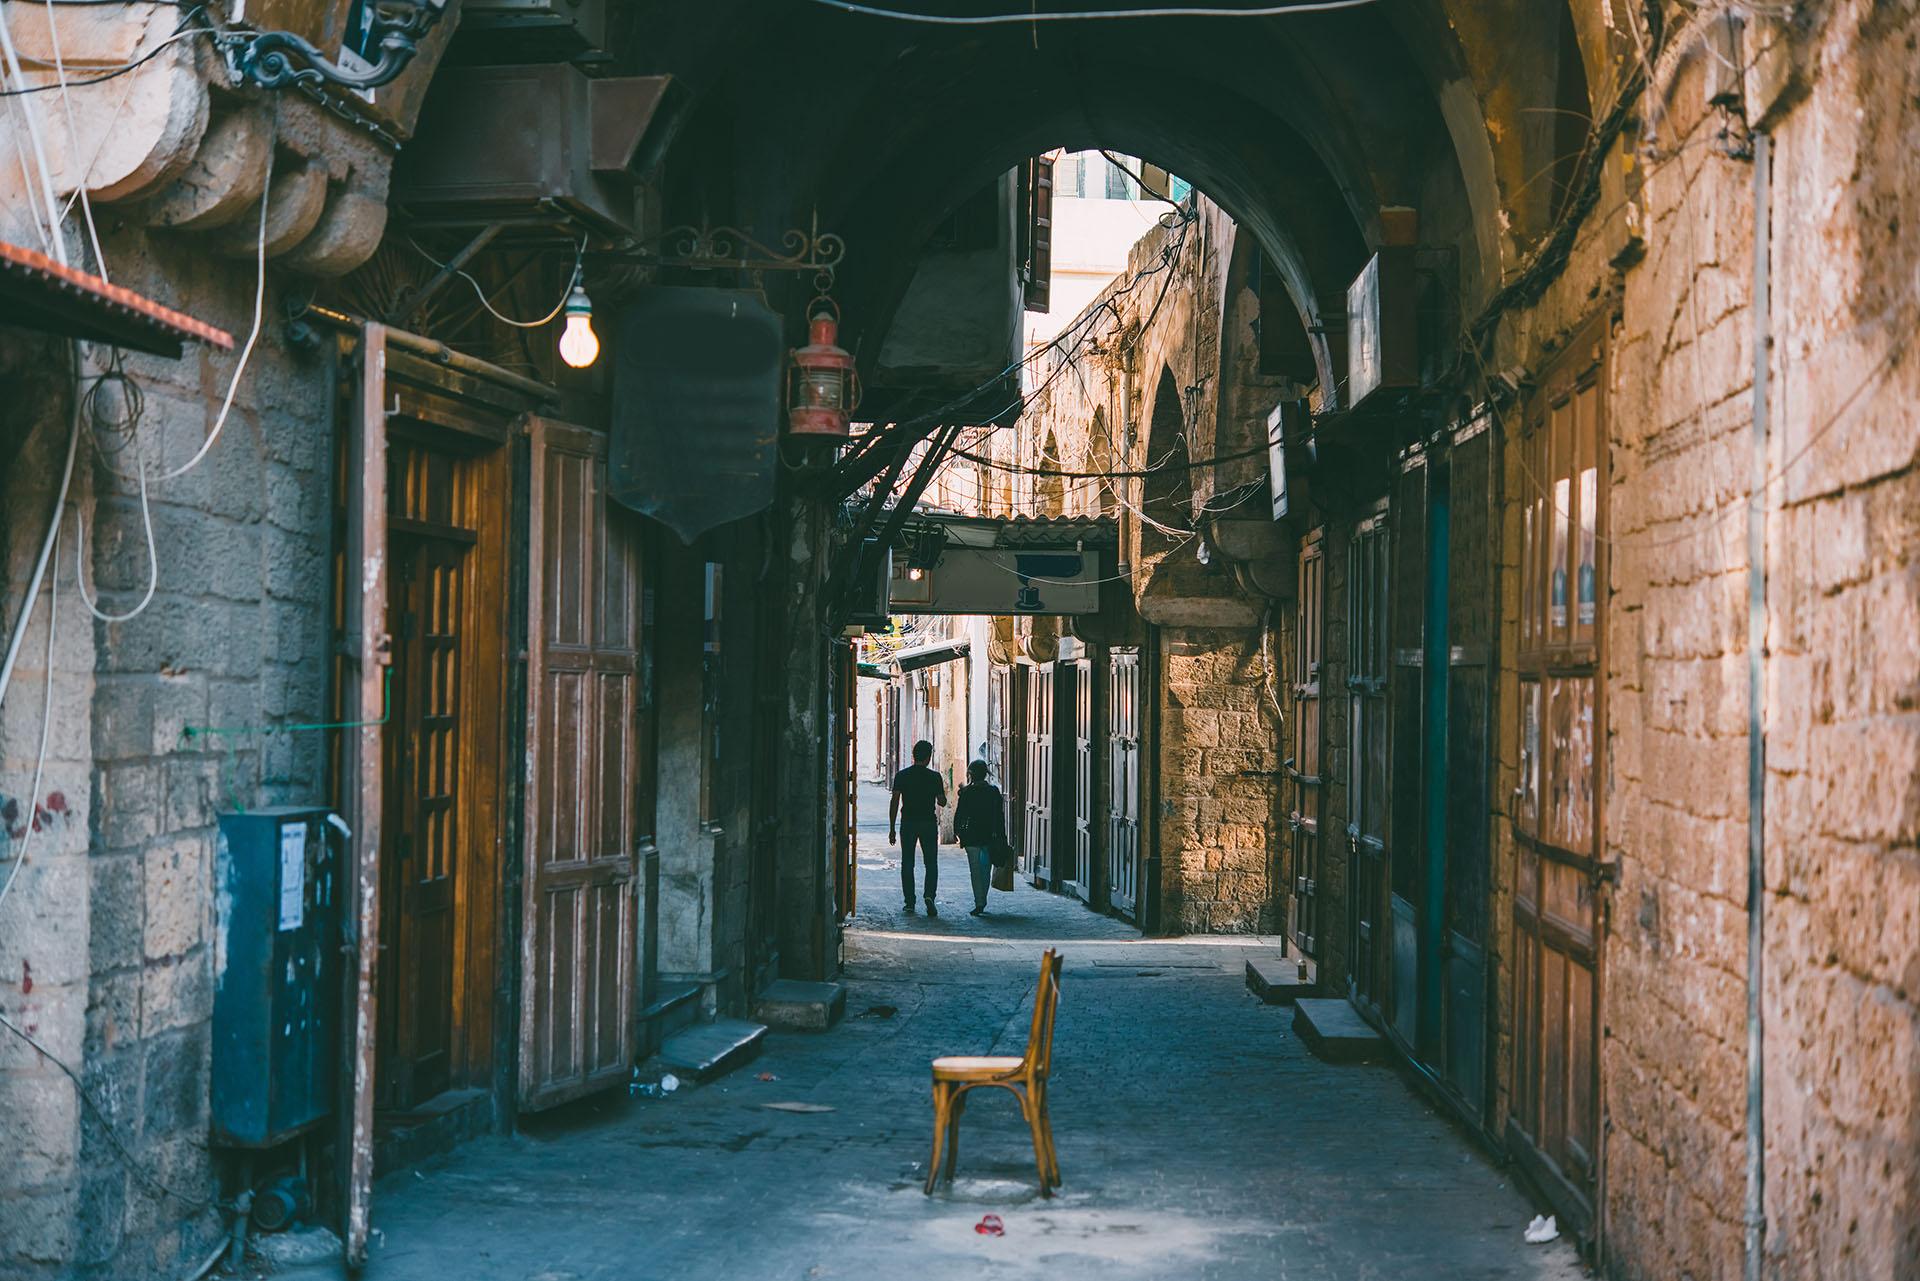 Conocida por ser una de las ciudades más extensas del territorio libanés, es uno de los lugares que se encuentran fuera del radar del turista y de los habitantes debido a sus conflictos bélicos